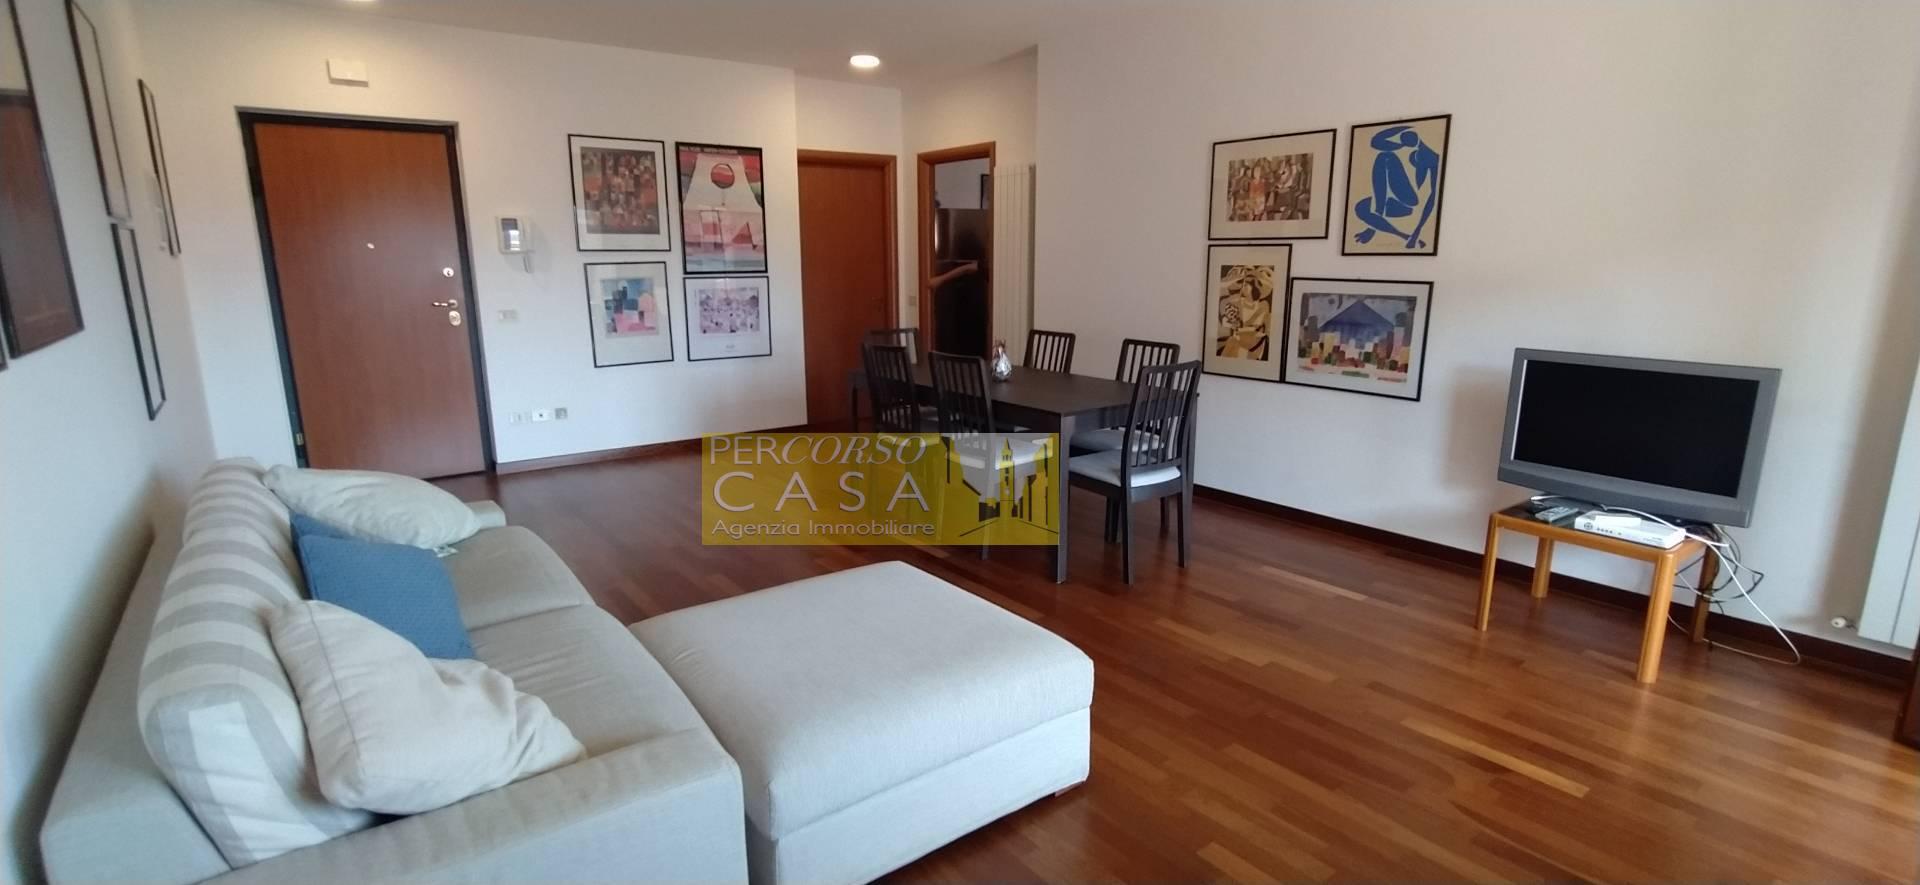 Appartamento in vendita a Teramo, 5 locali, zona Località: VillaMosca, prezzo € 220.000 | PortaleAgenzieImmobiliari.it